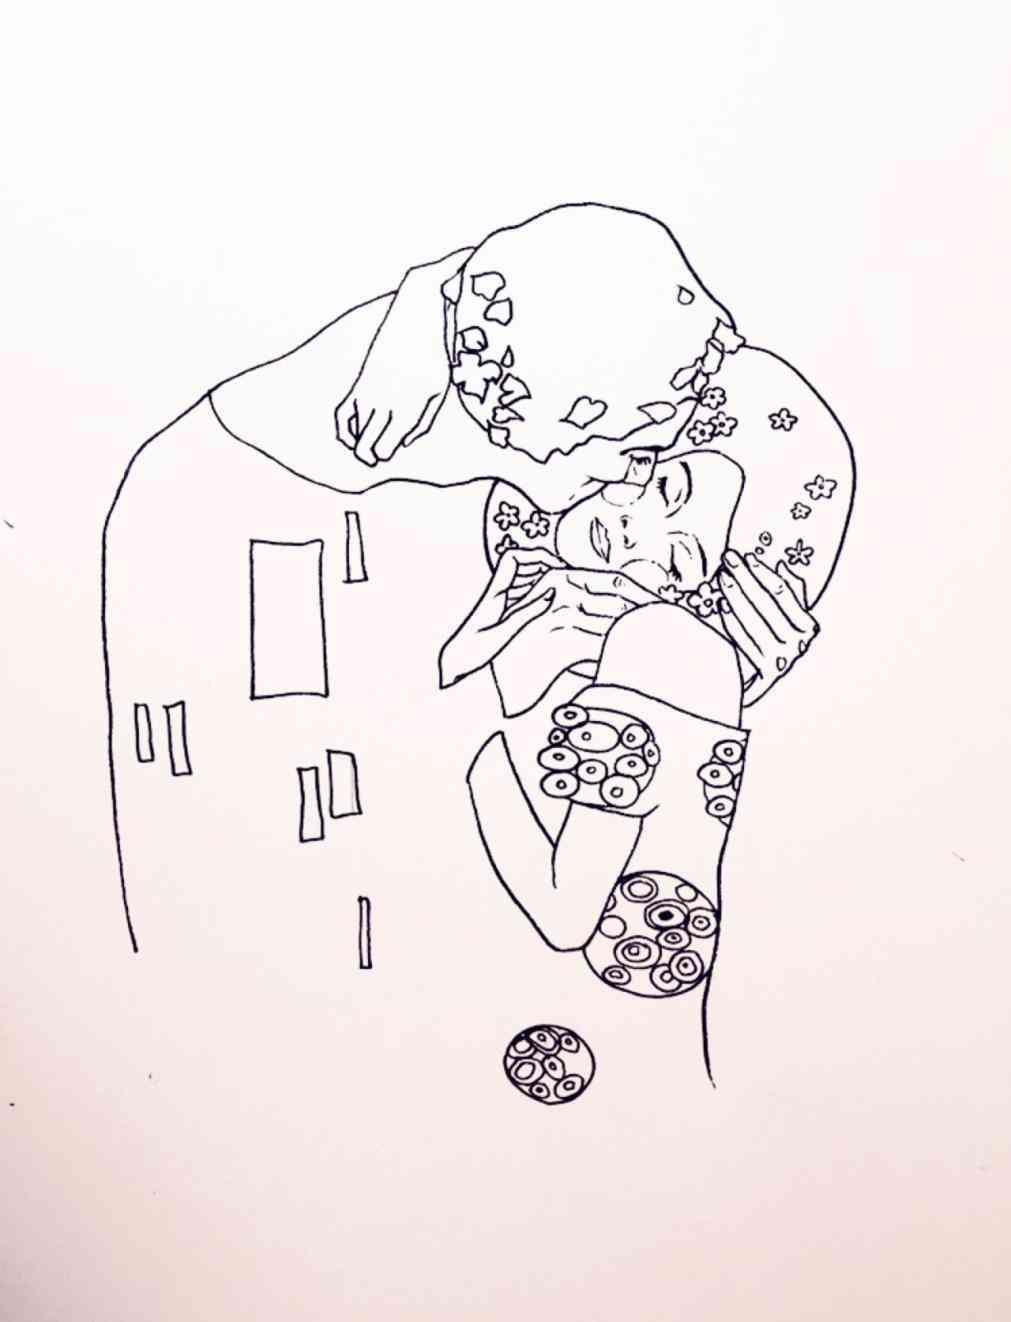 Rose Drawn Elis Dlugopisyreklamowe Co